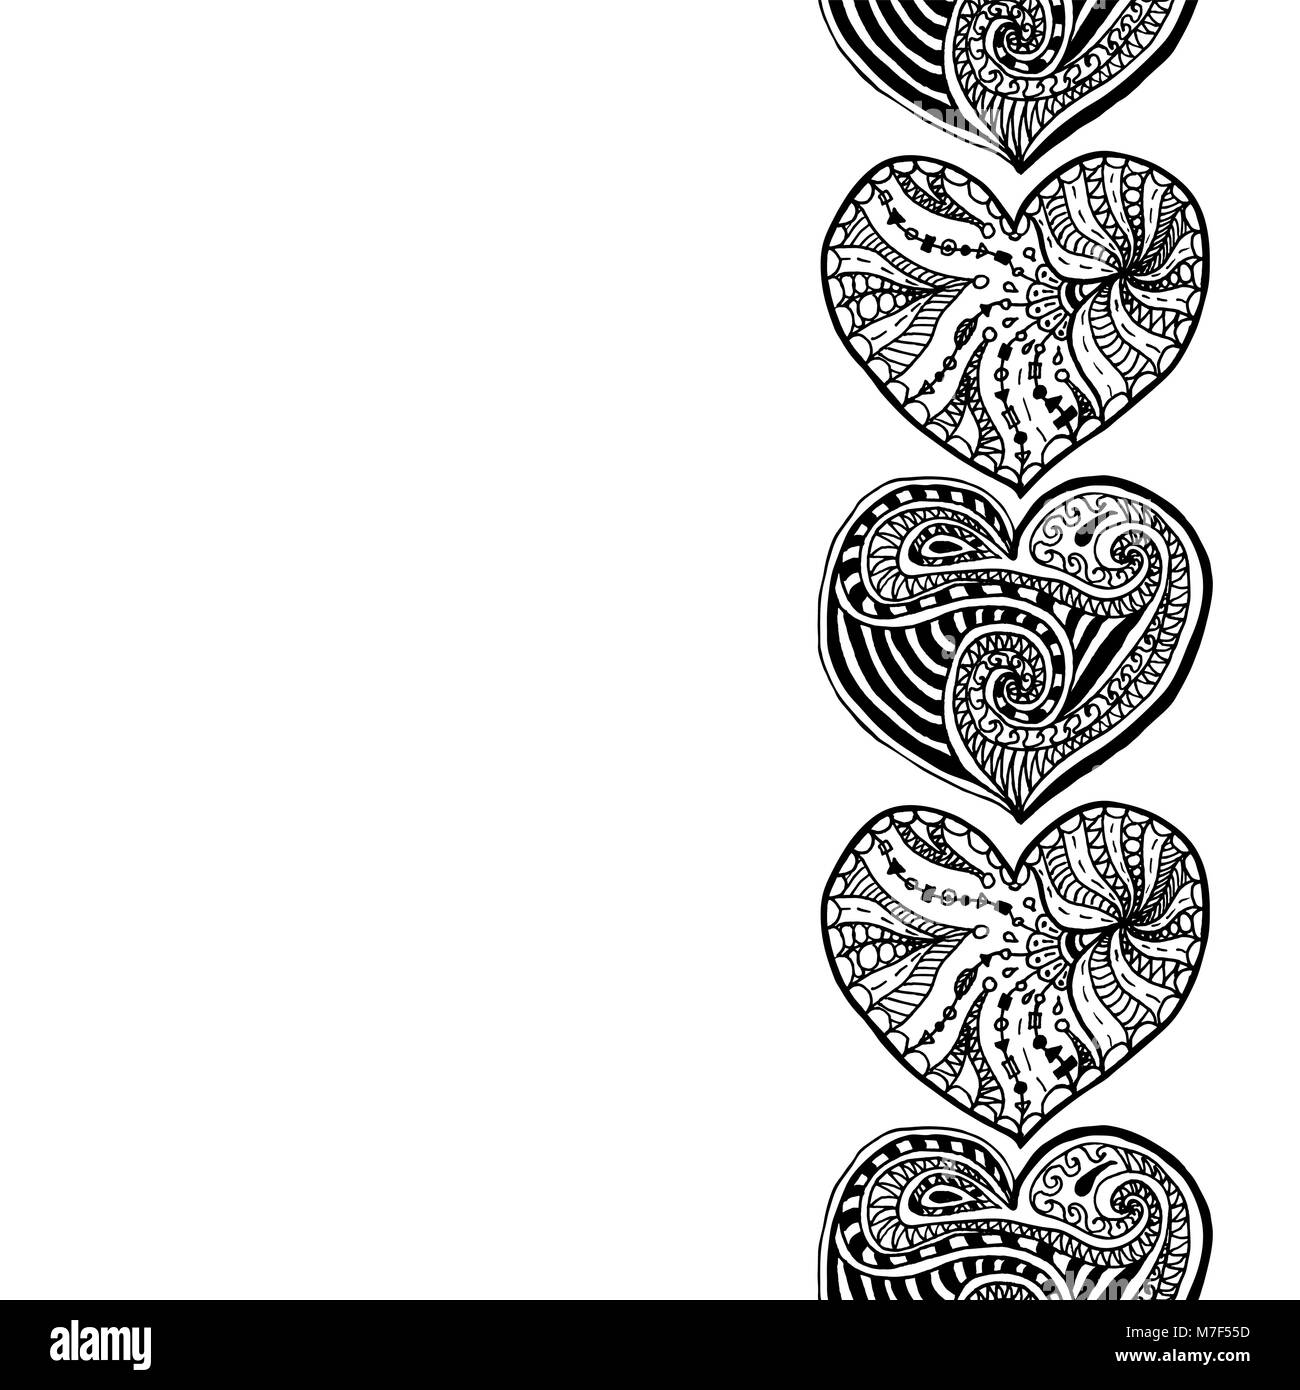 Vector Decorativo Borde Vertical Del Dibujo A Mano Alzada Corazones